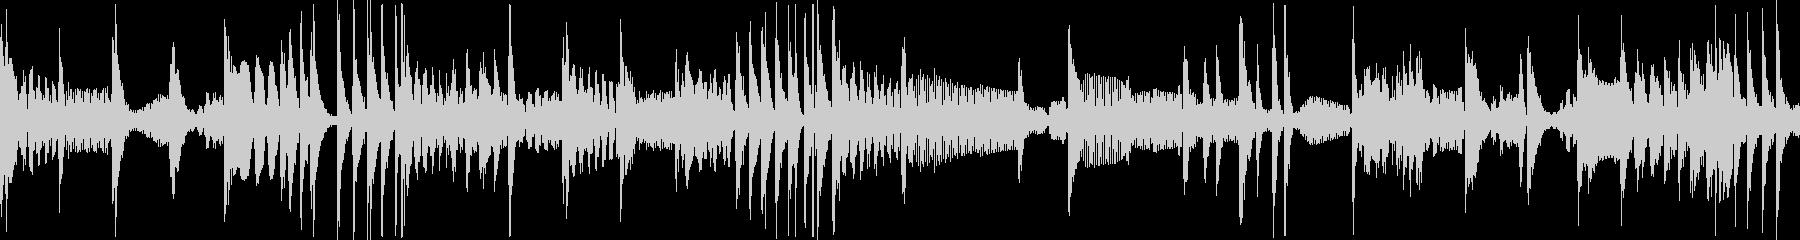 808系HIPHOPリズムループの未再生の波形